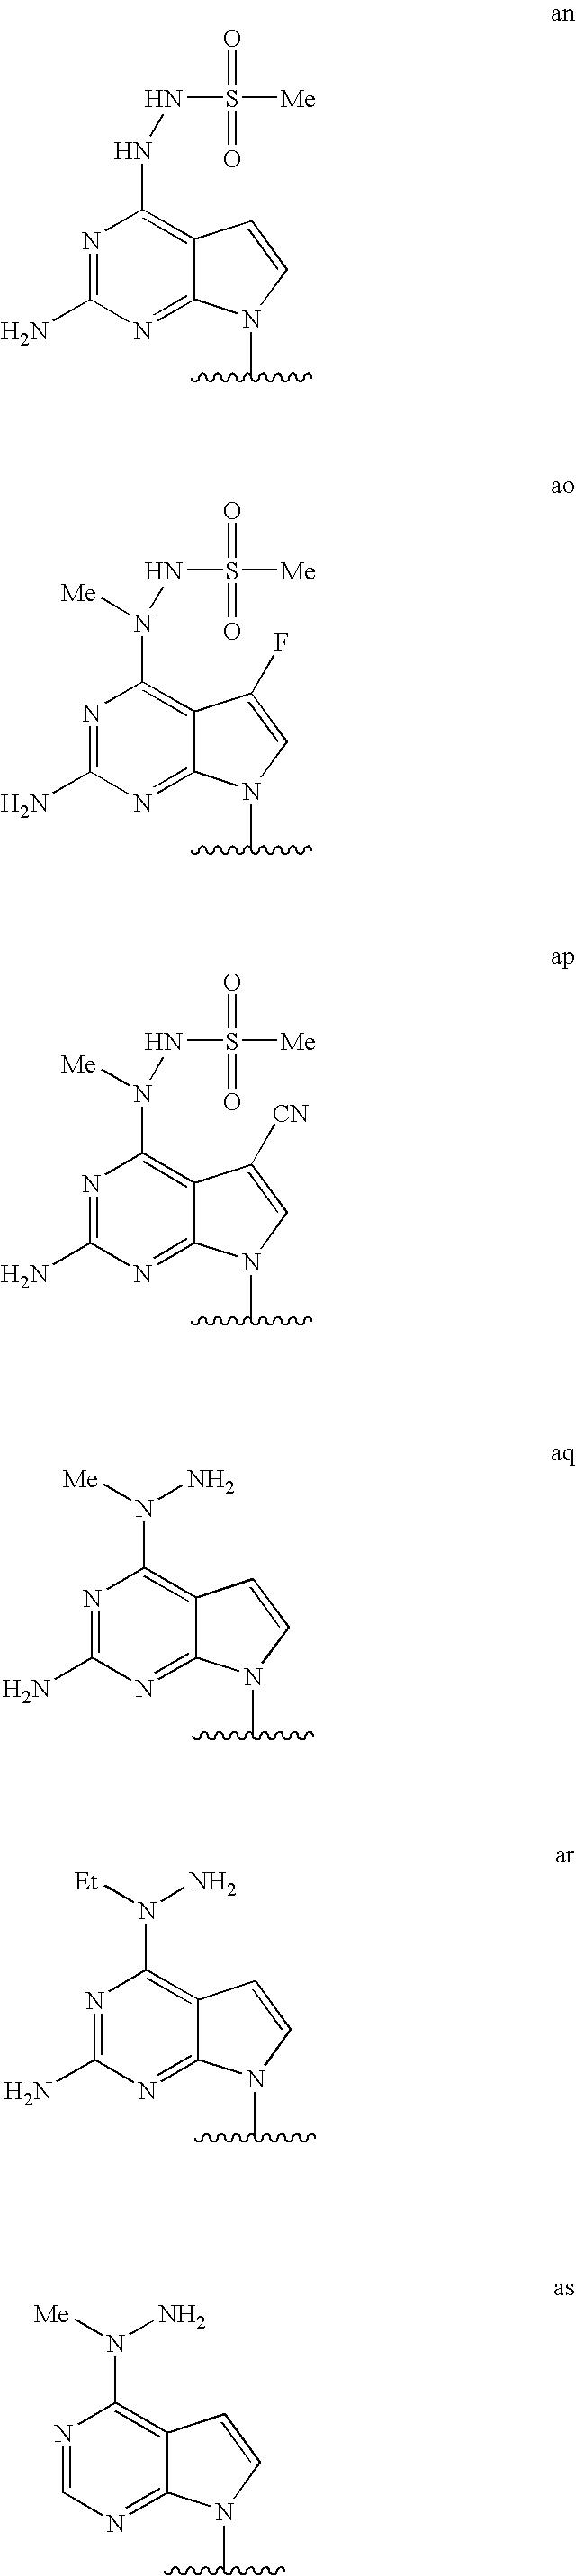 Figure US08173621-20120508-C00041